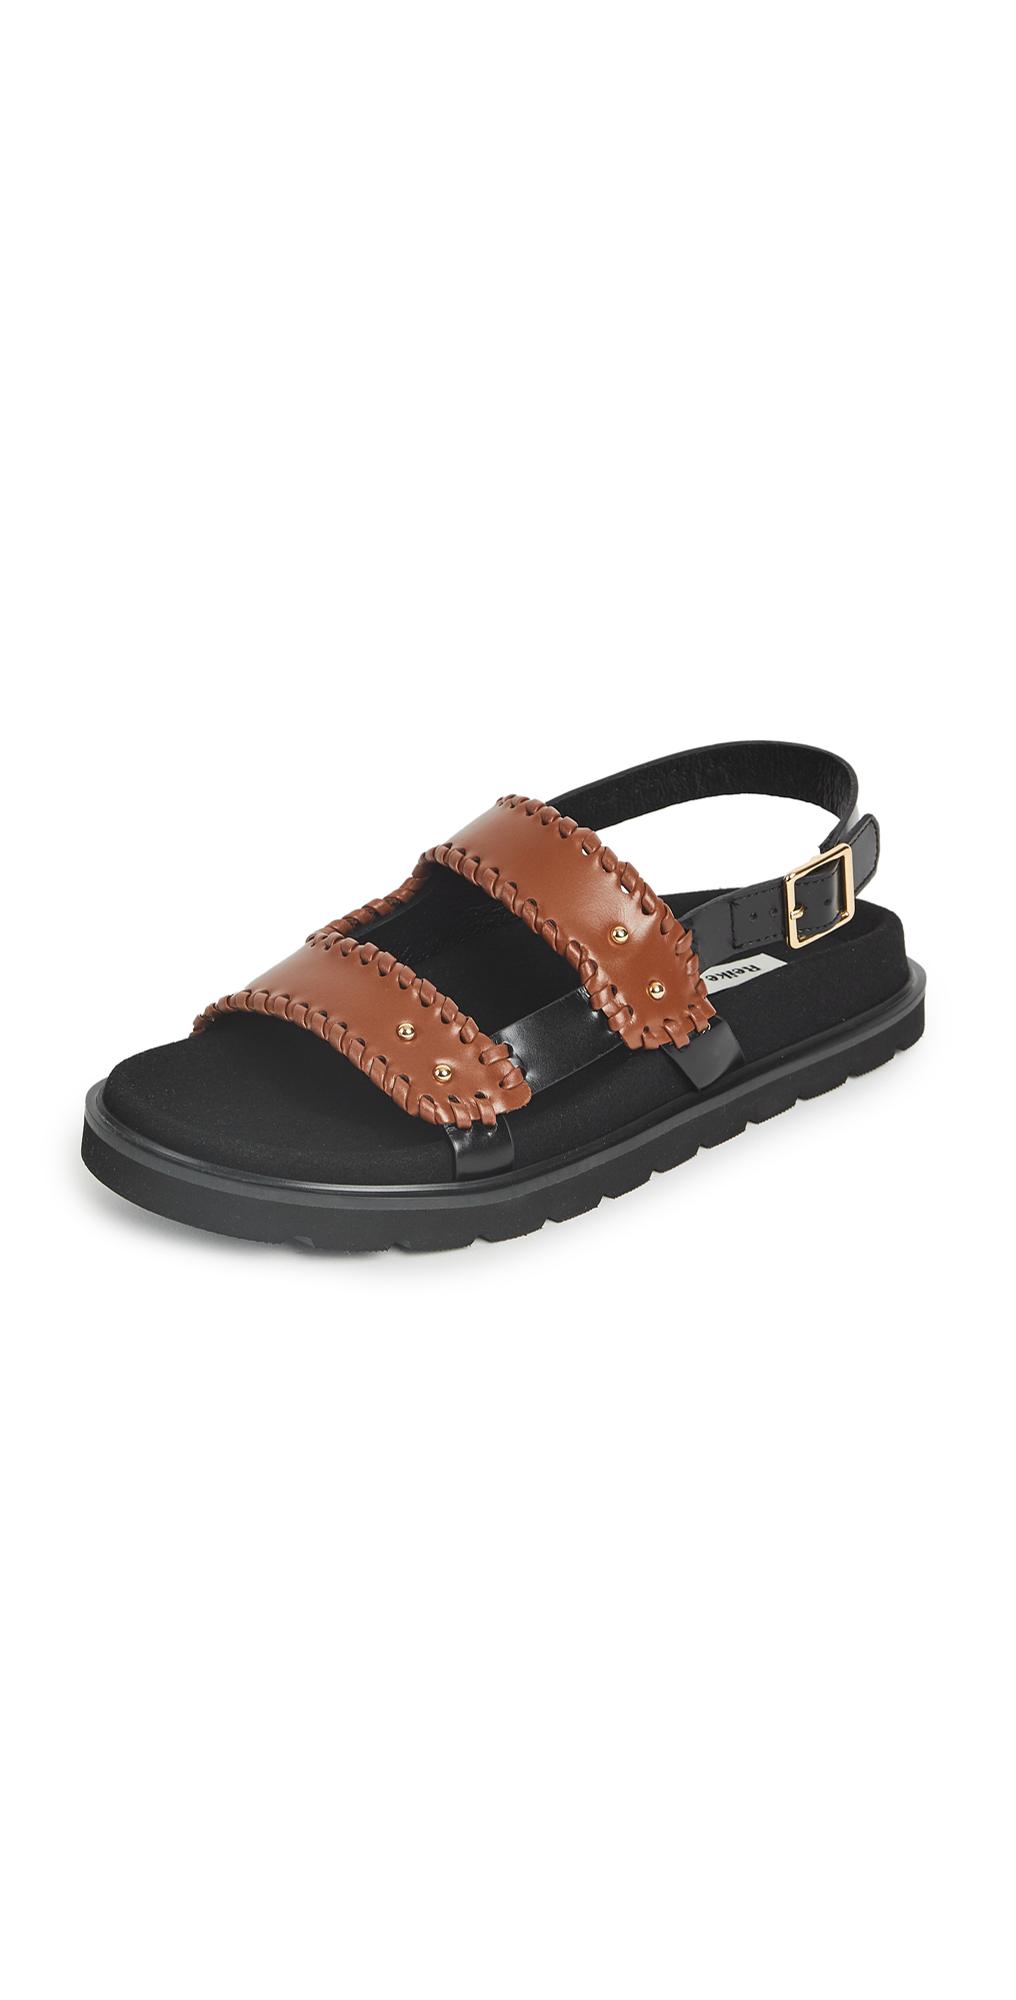 Reike Nen Turnover Molded Sandals